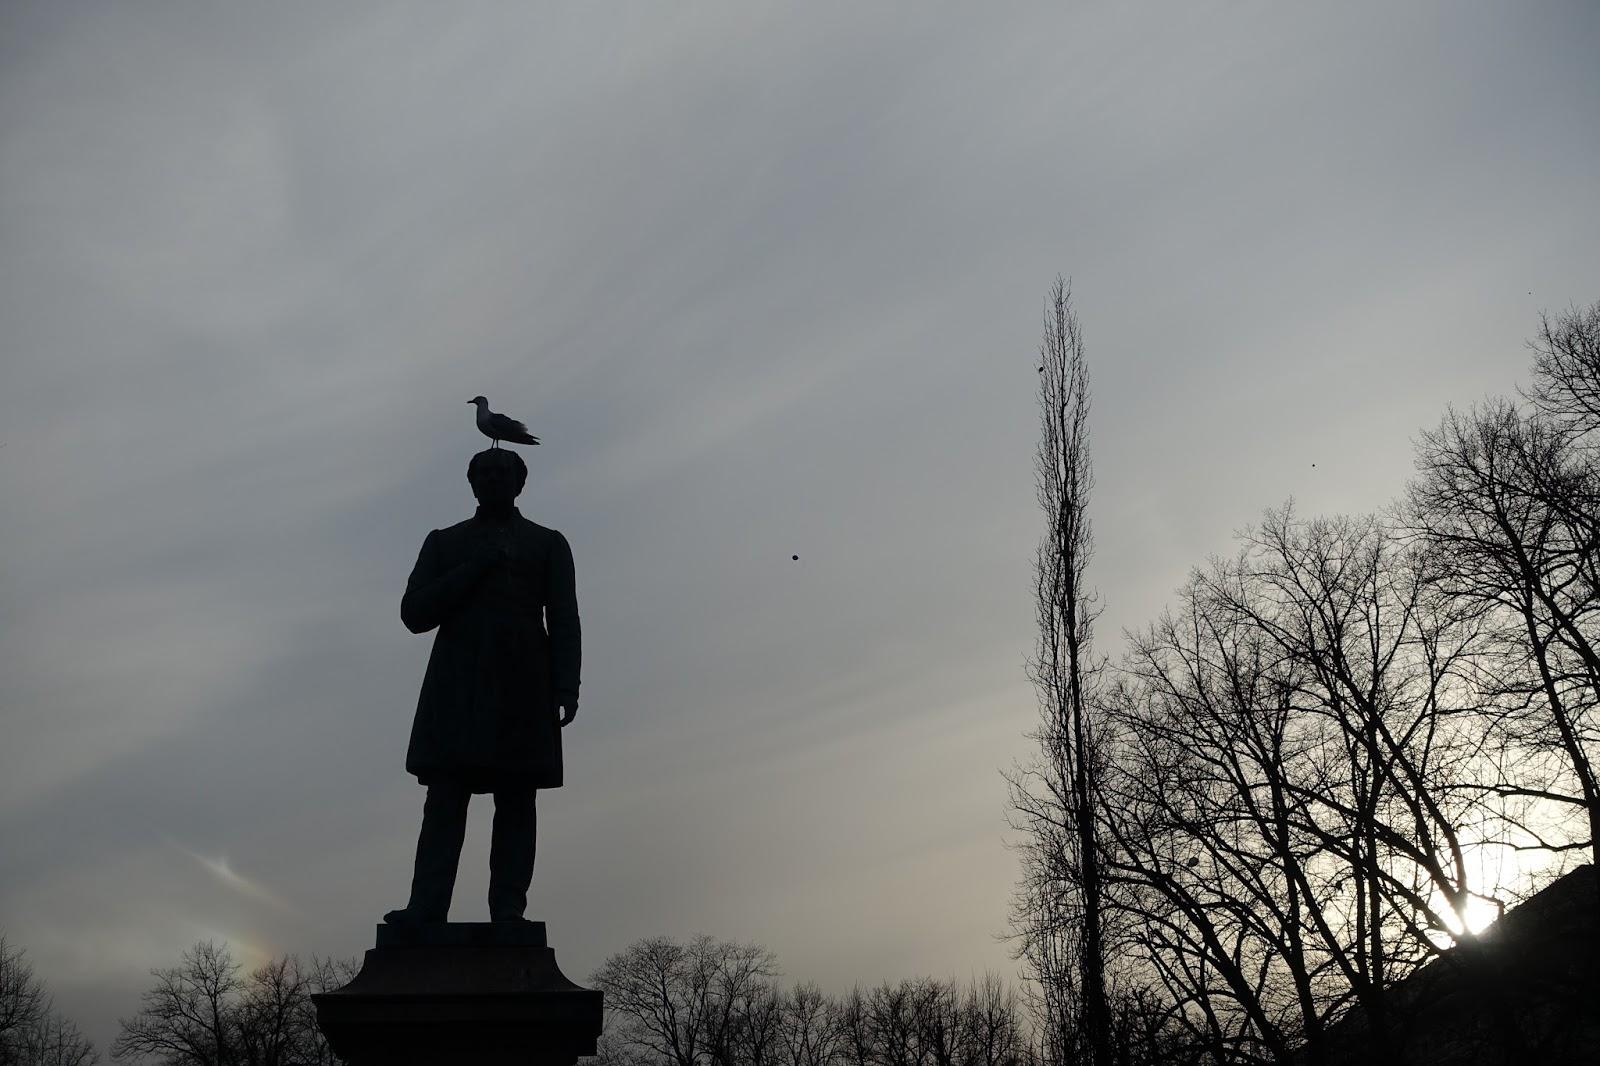 ヨハン・ルードビヒ・ルーネベリの像(Johan Ludvig Runeberg)